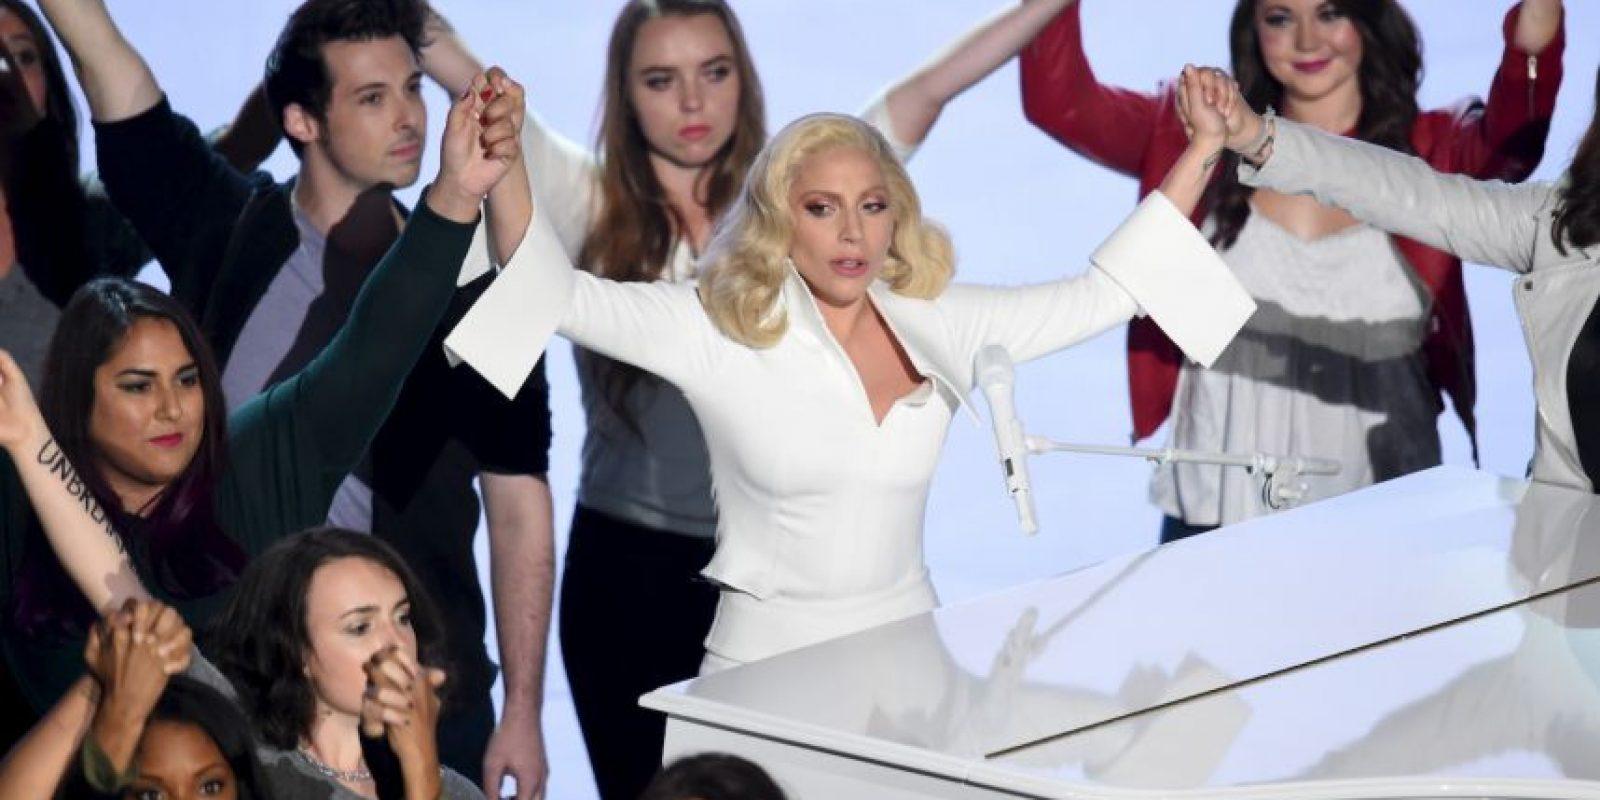 En el escenario Gaga estuvo acompañada de varias víctimas de abuso Foto:Getty Images